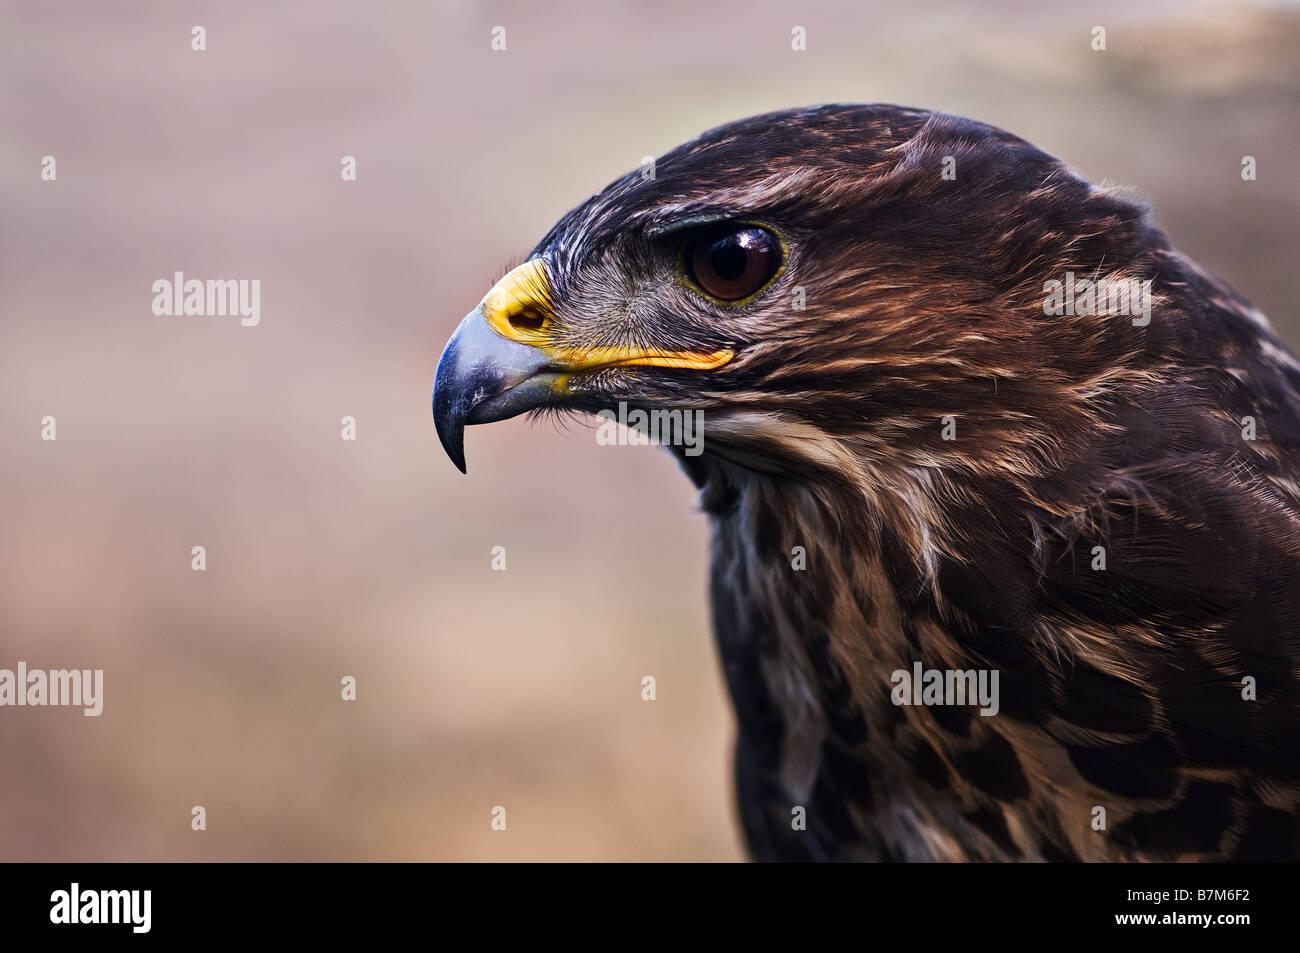 A profile of a male Common Buzzard. - Stock Image